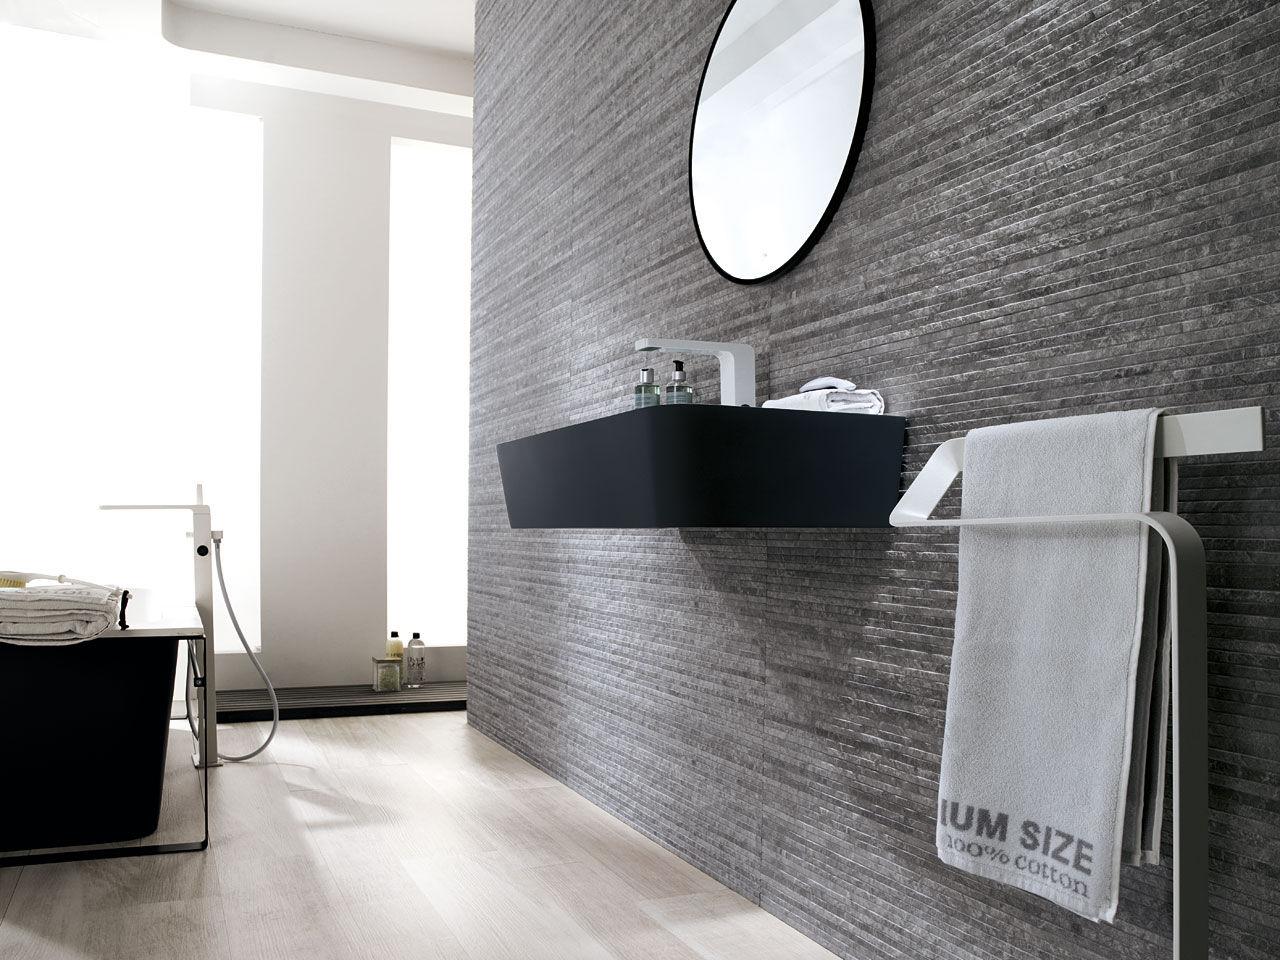 bathroom-tile-indoor-wall-ceramic-12-6406089